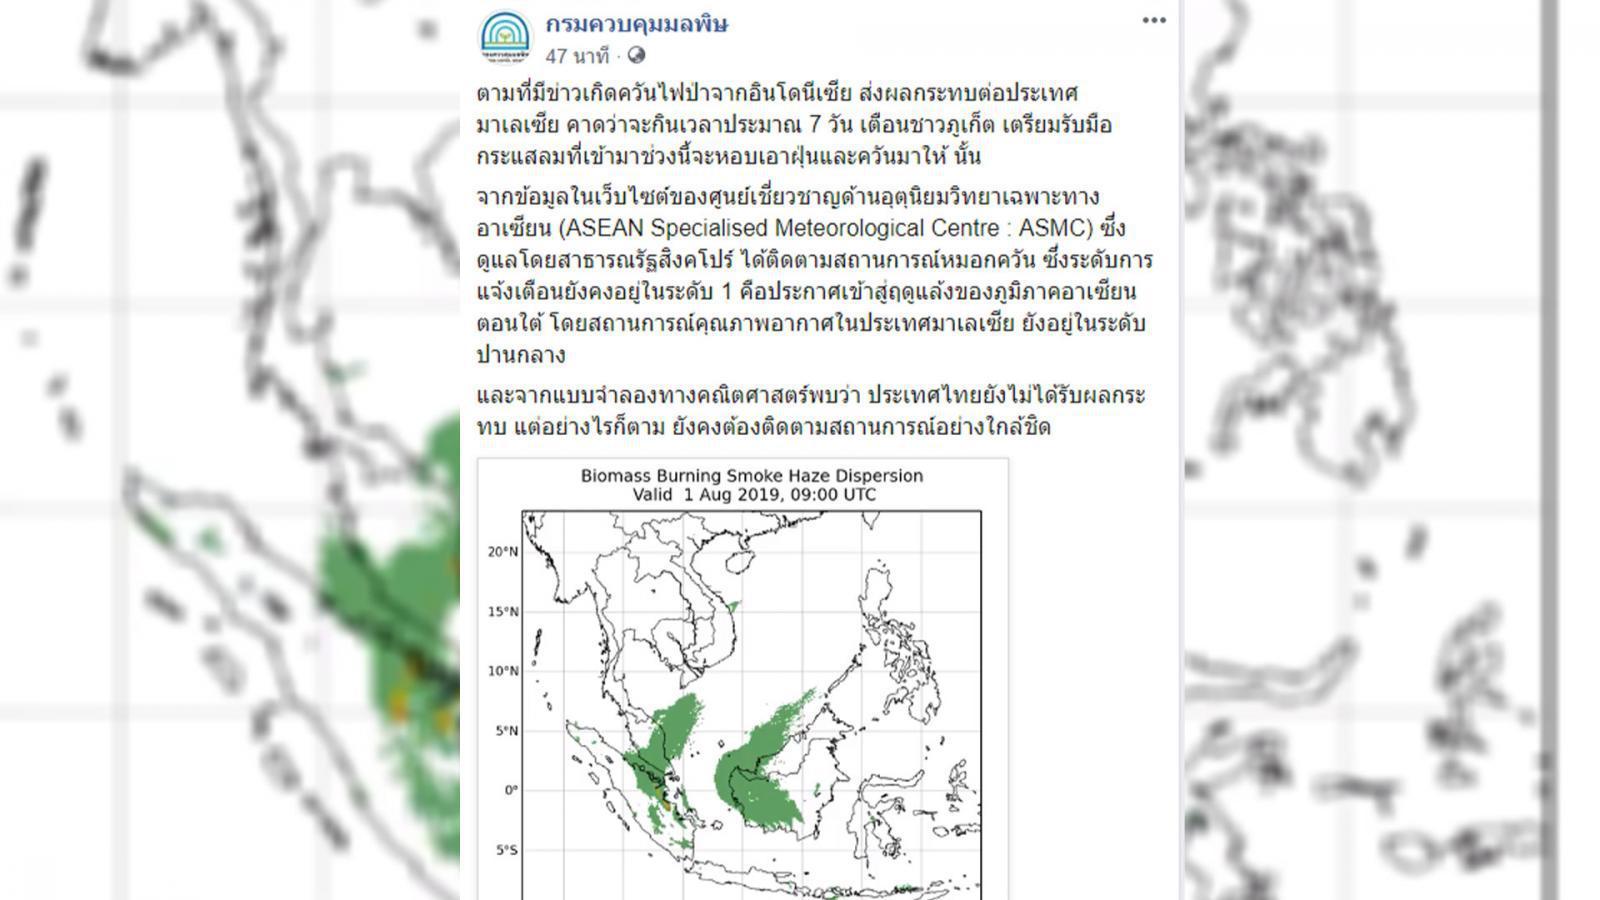 อย่าเชื่อข่าวลือ!  ยันภูเก็ตไม่ได้รับผลกระทบควันไฟป่าอินโดนีเซีย